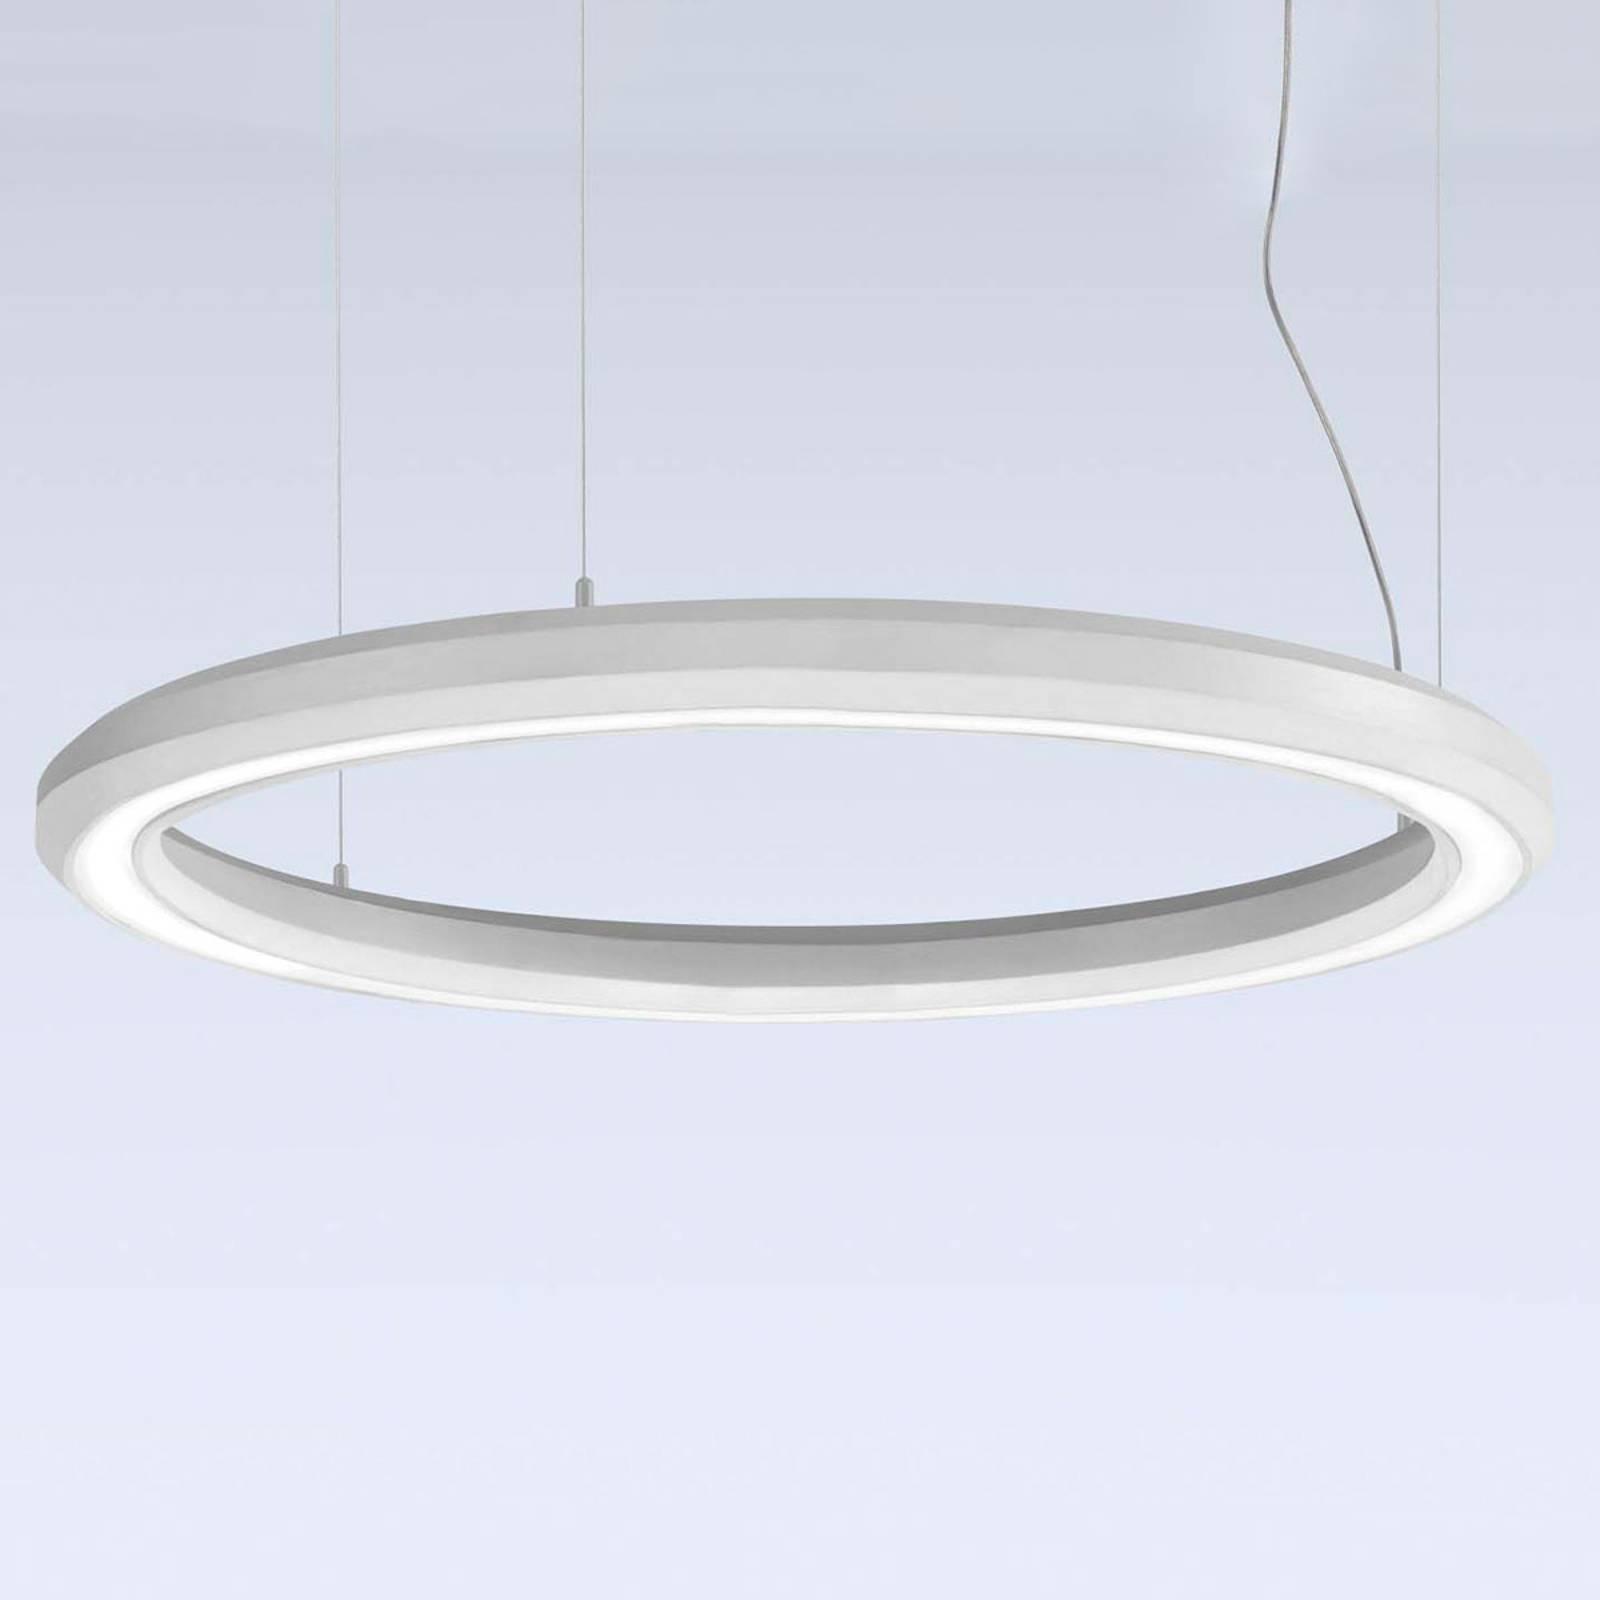 LED-riippuvalaisin Materica ala, Ø 90 cm valkoinen